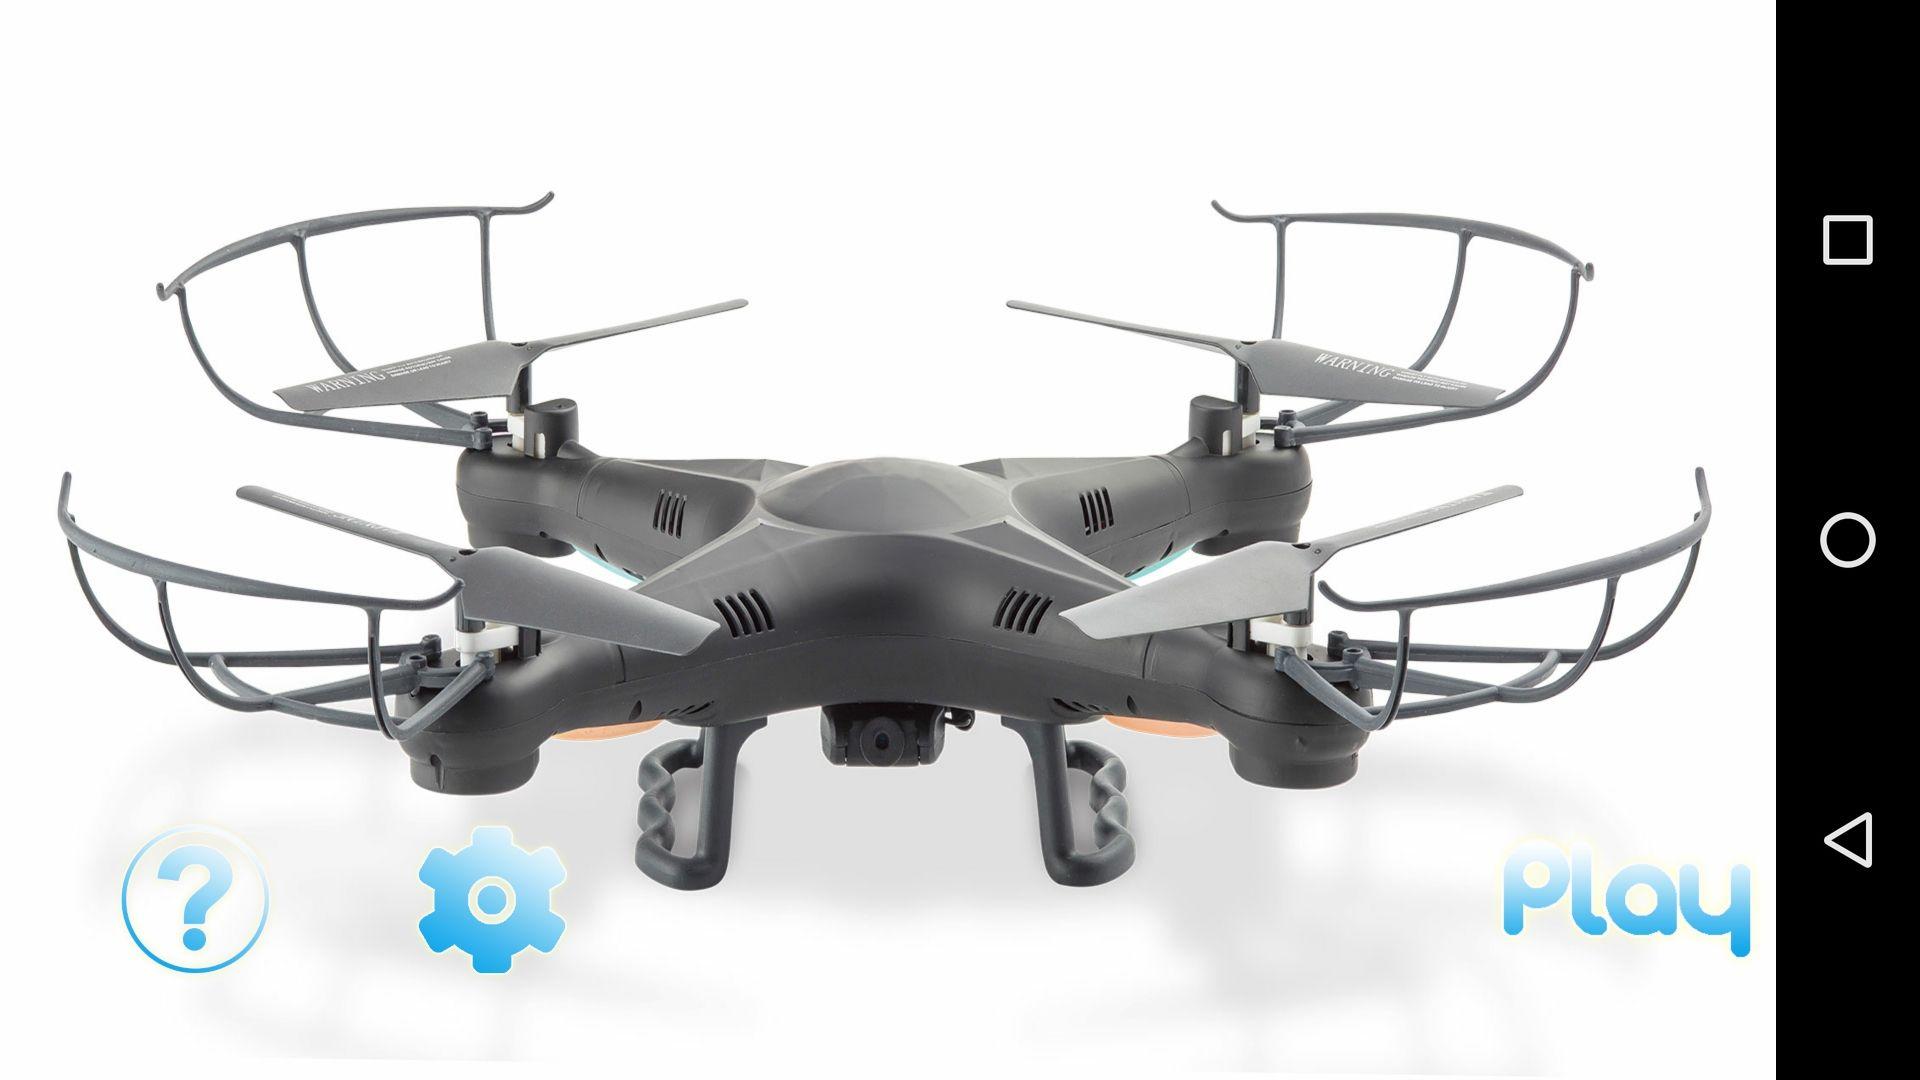 UGO drone 游戏截图1